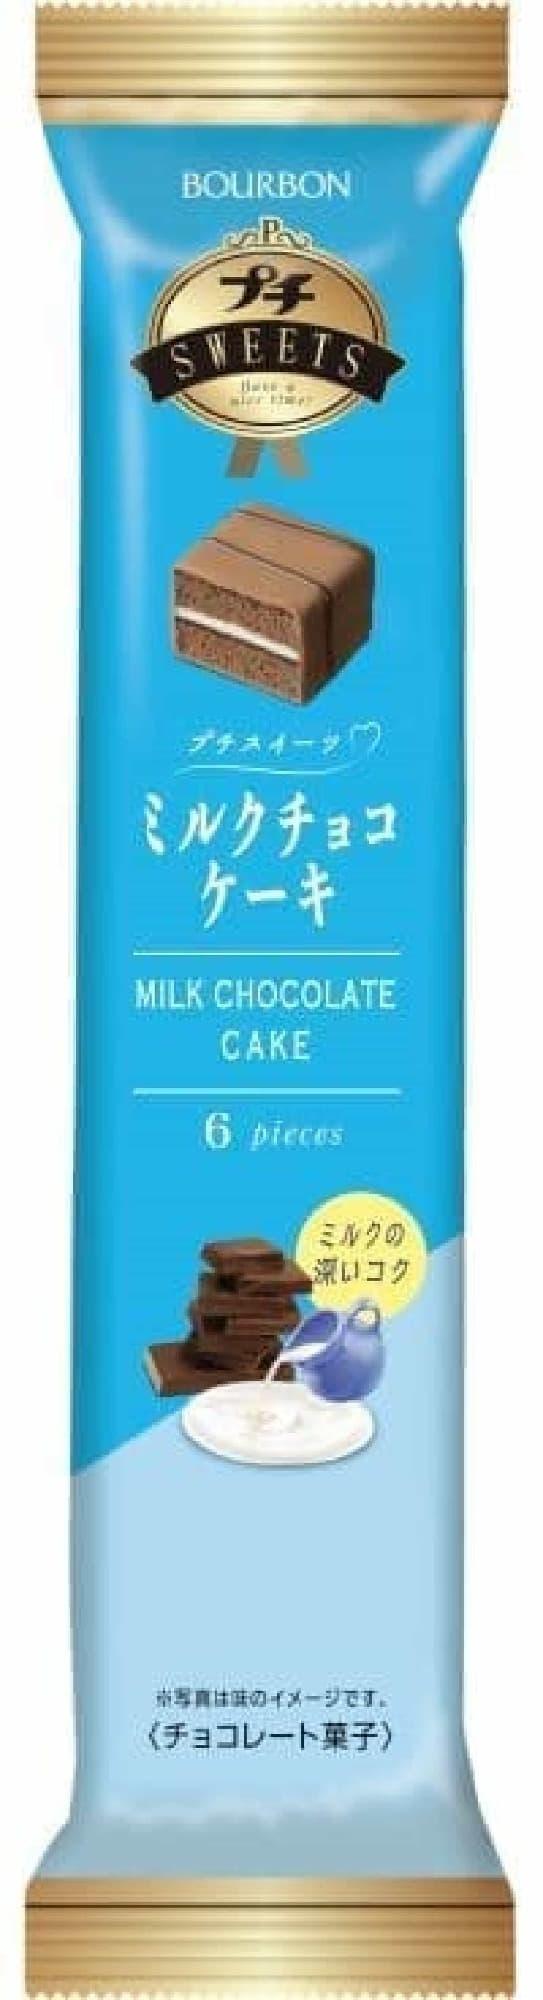 プチスイーツミルクチョコケーキ